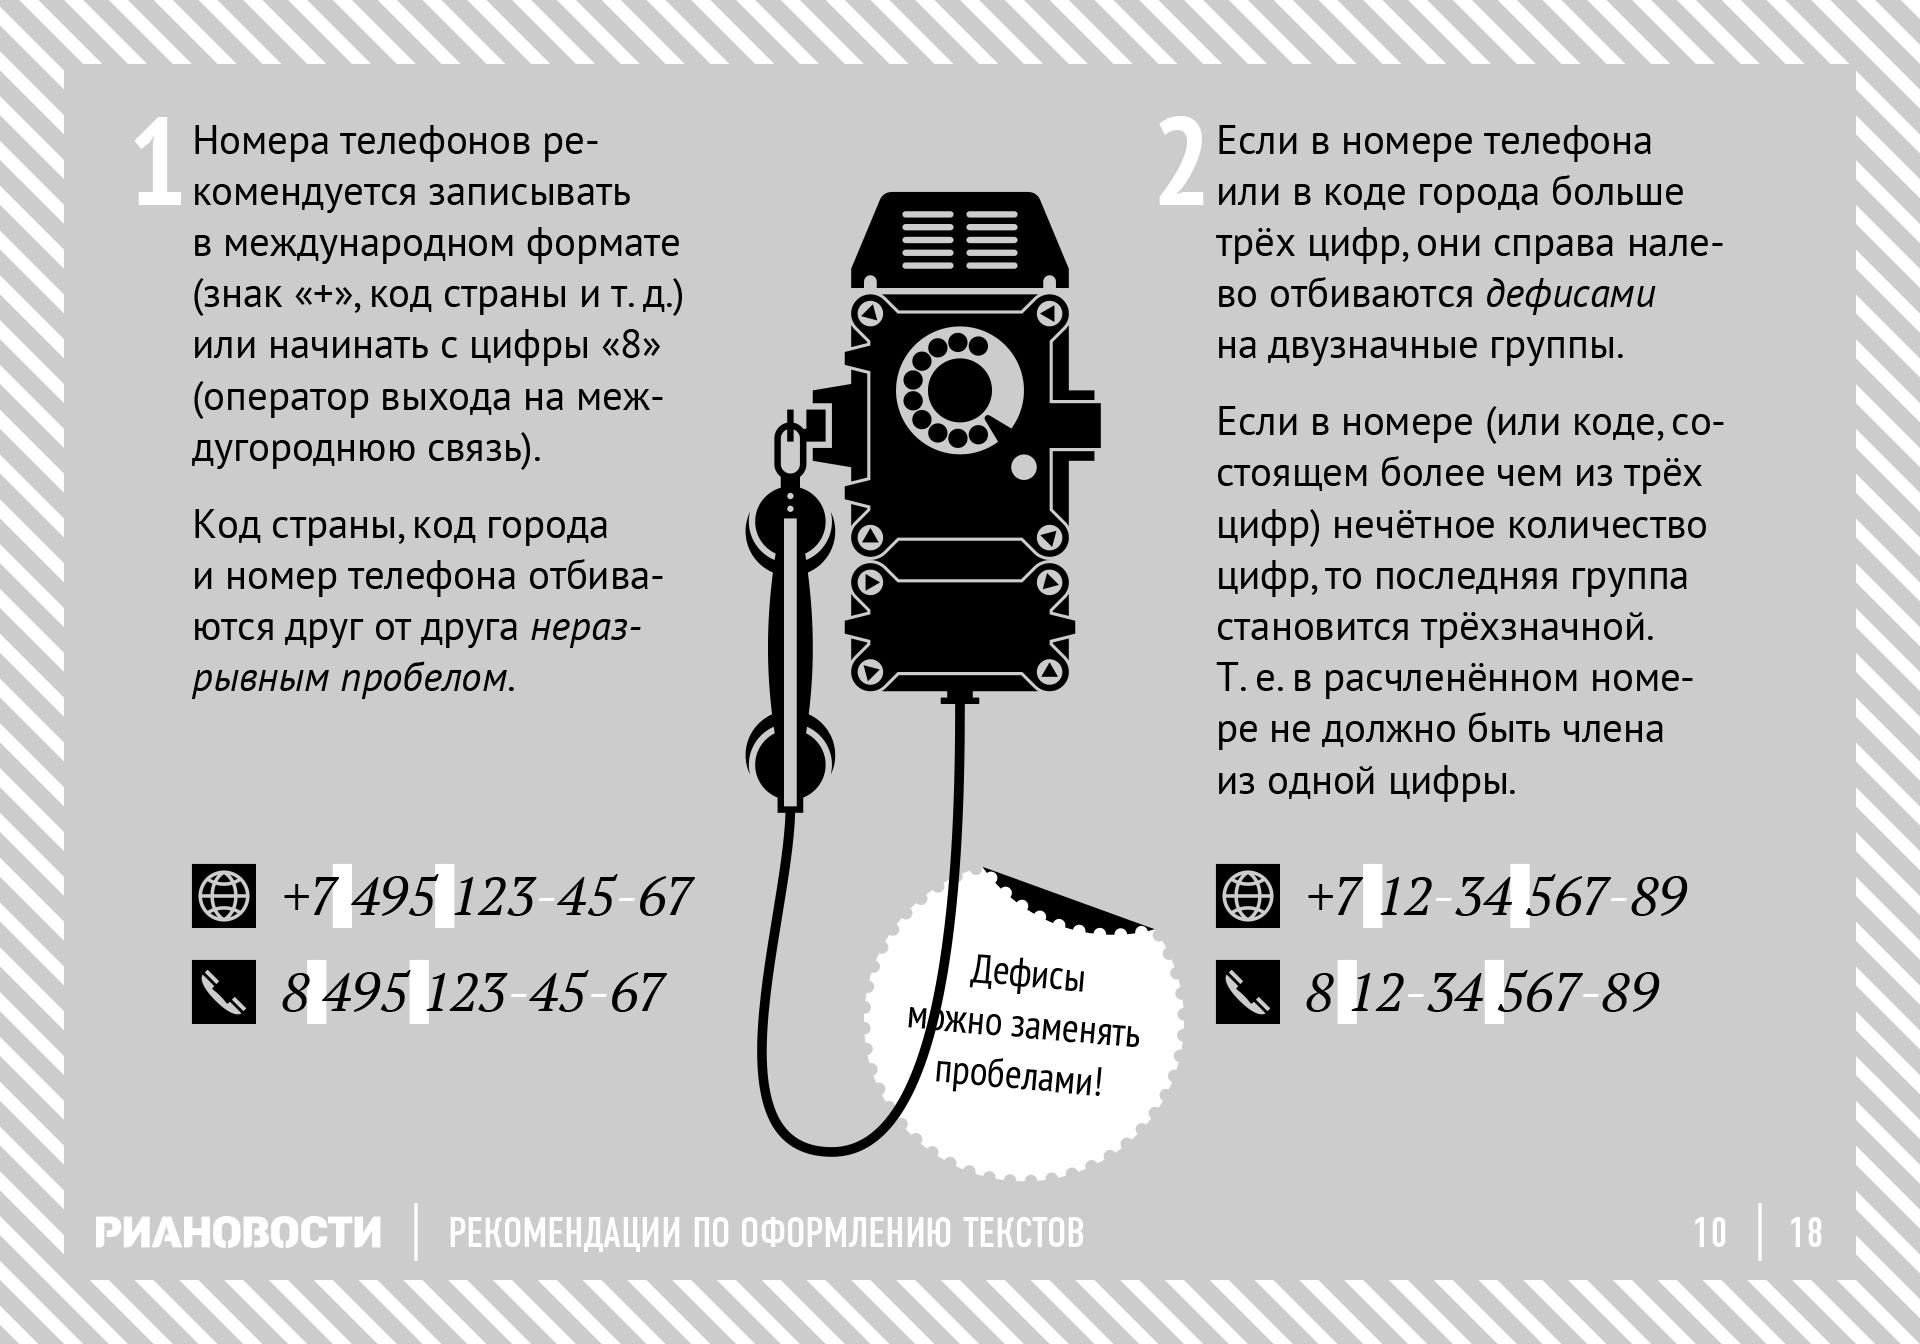 Рекомендации по оформлению текстов. Номера телефонов. RIA